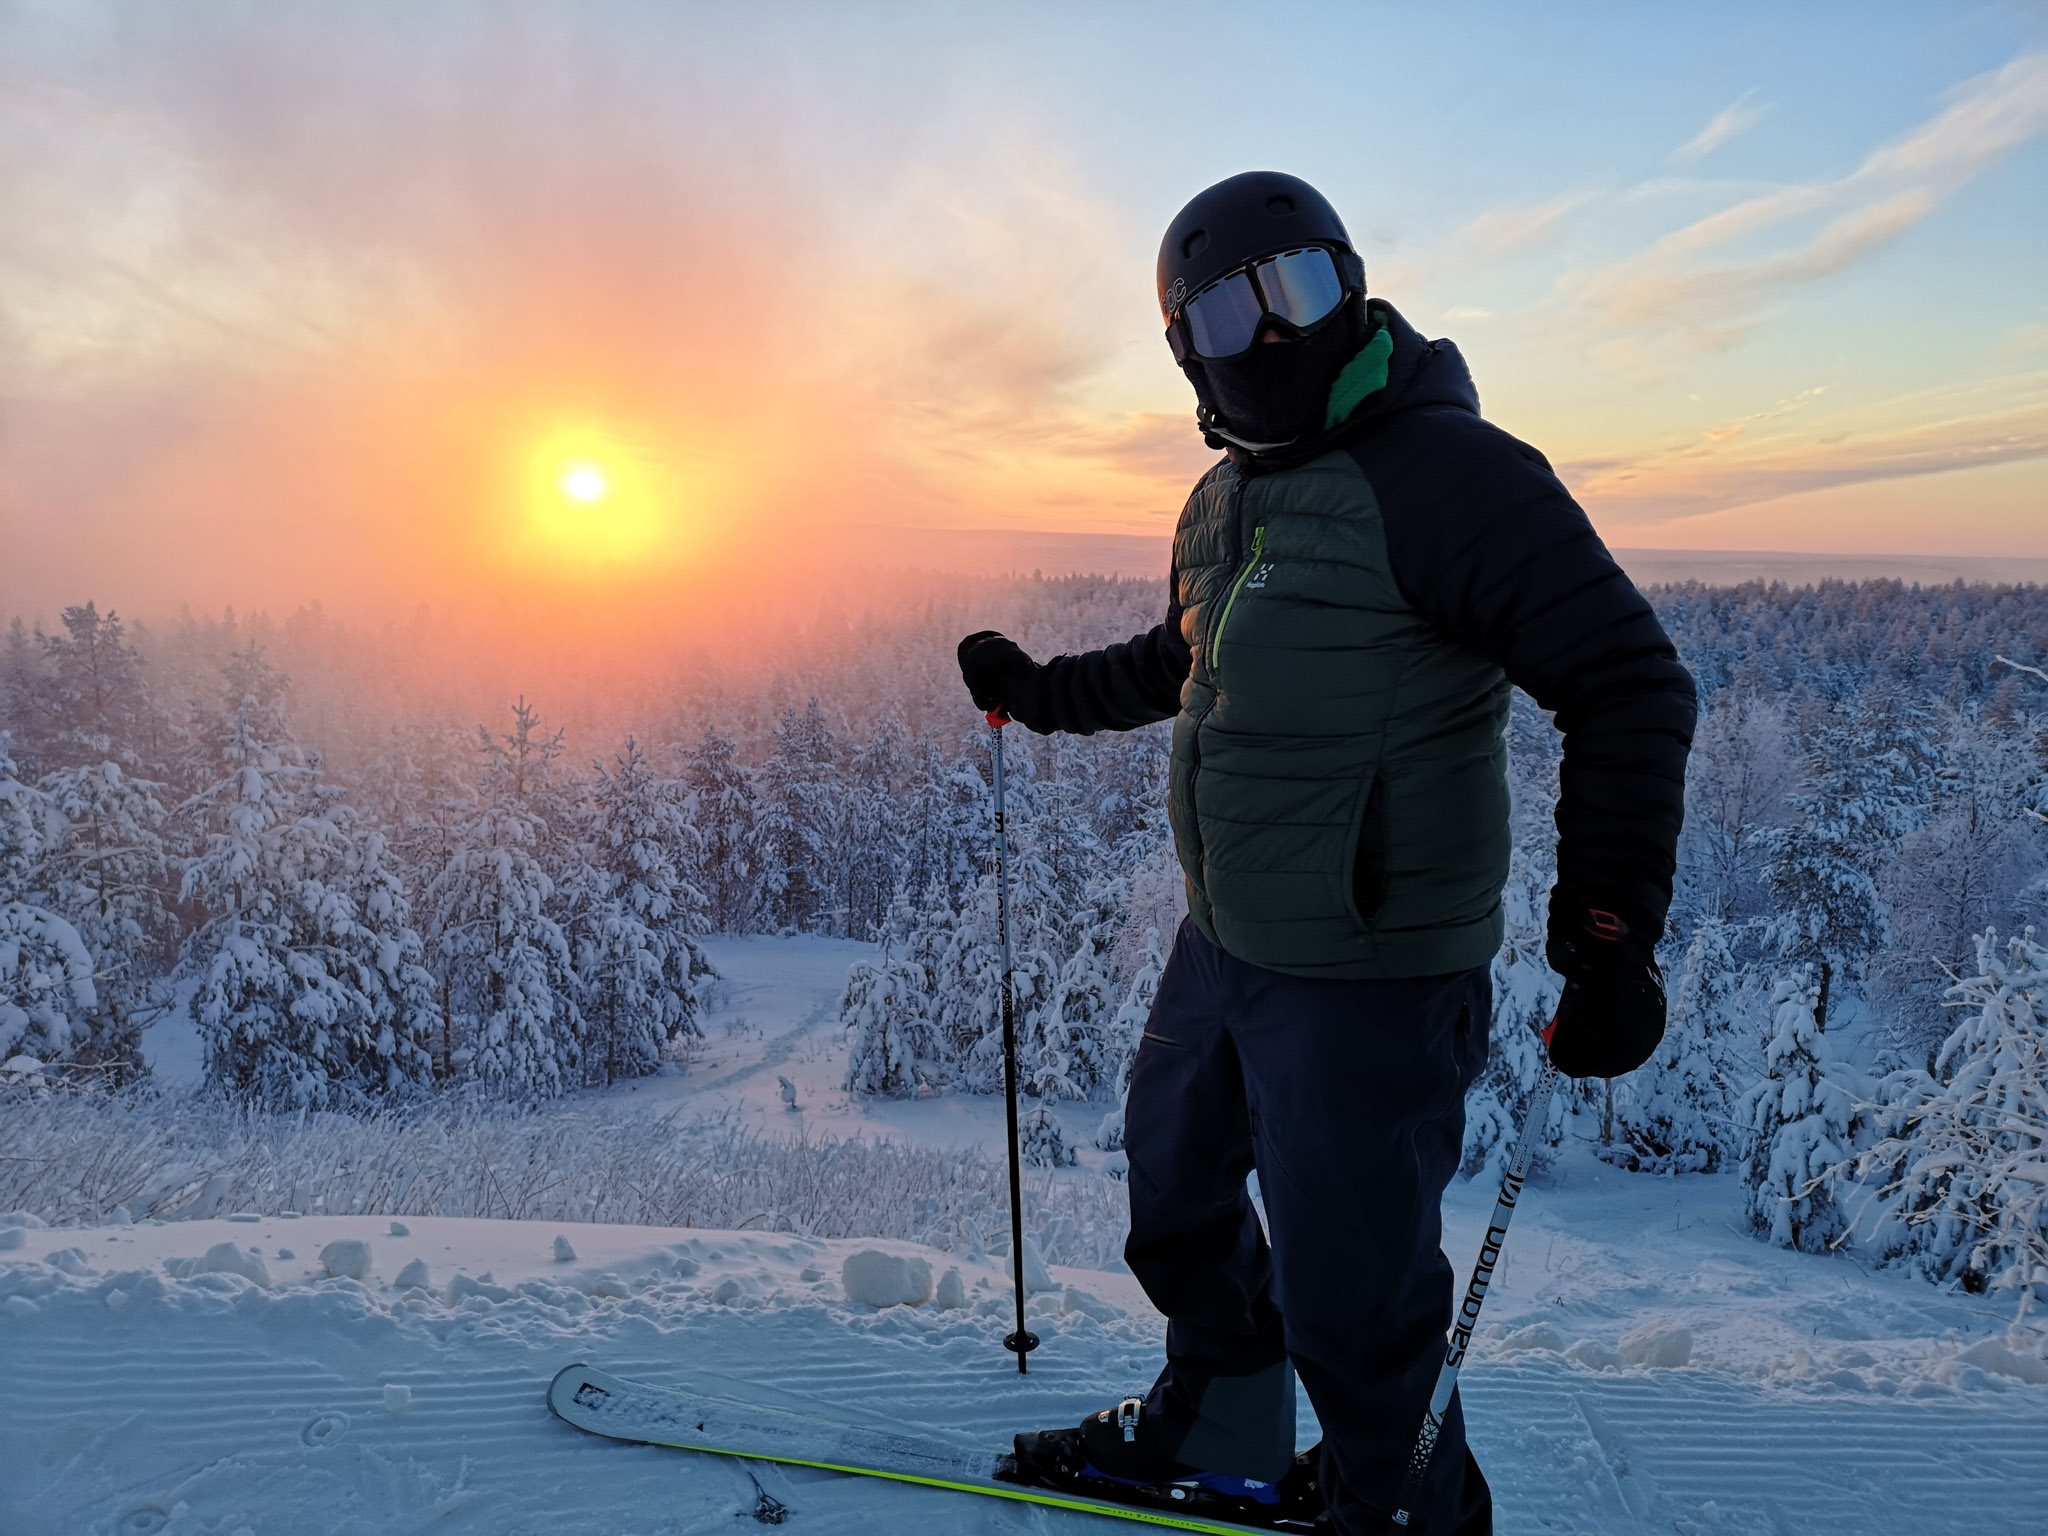 Kohteena maailma blogivierailu Rovaniemi